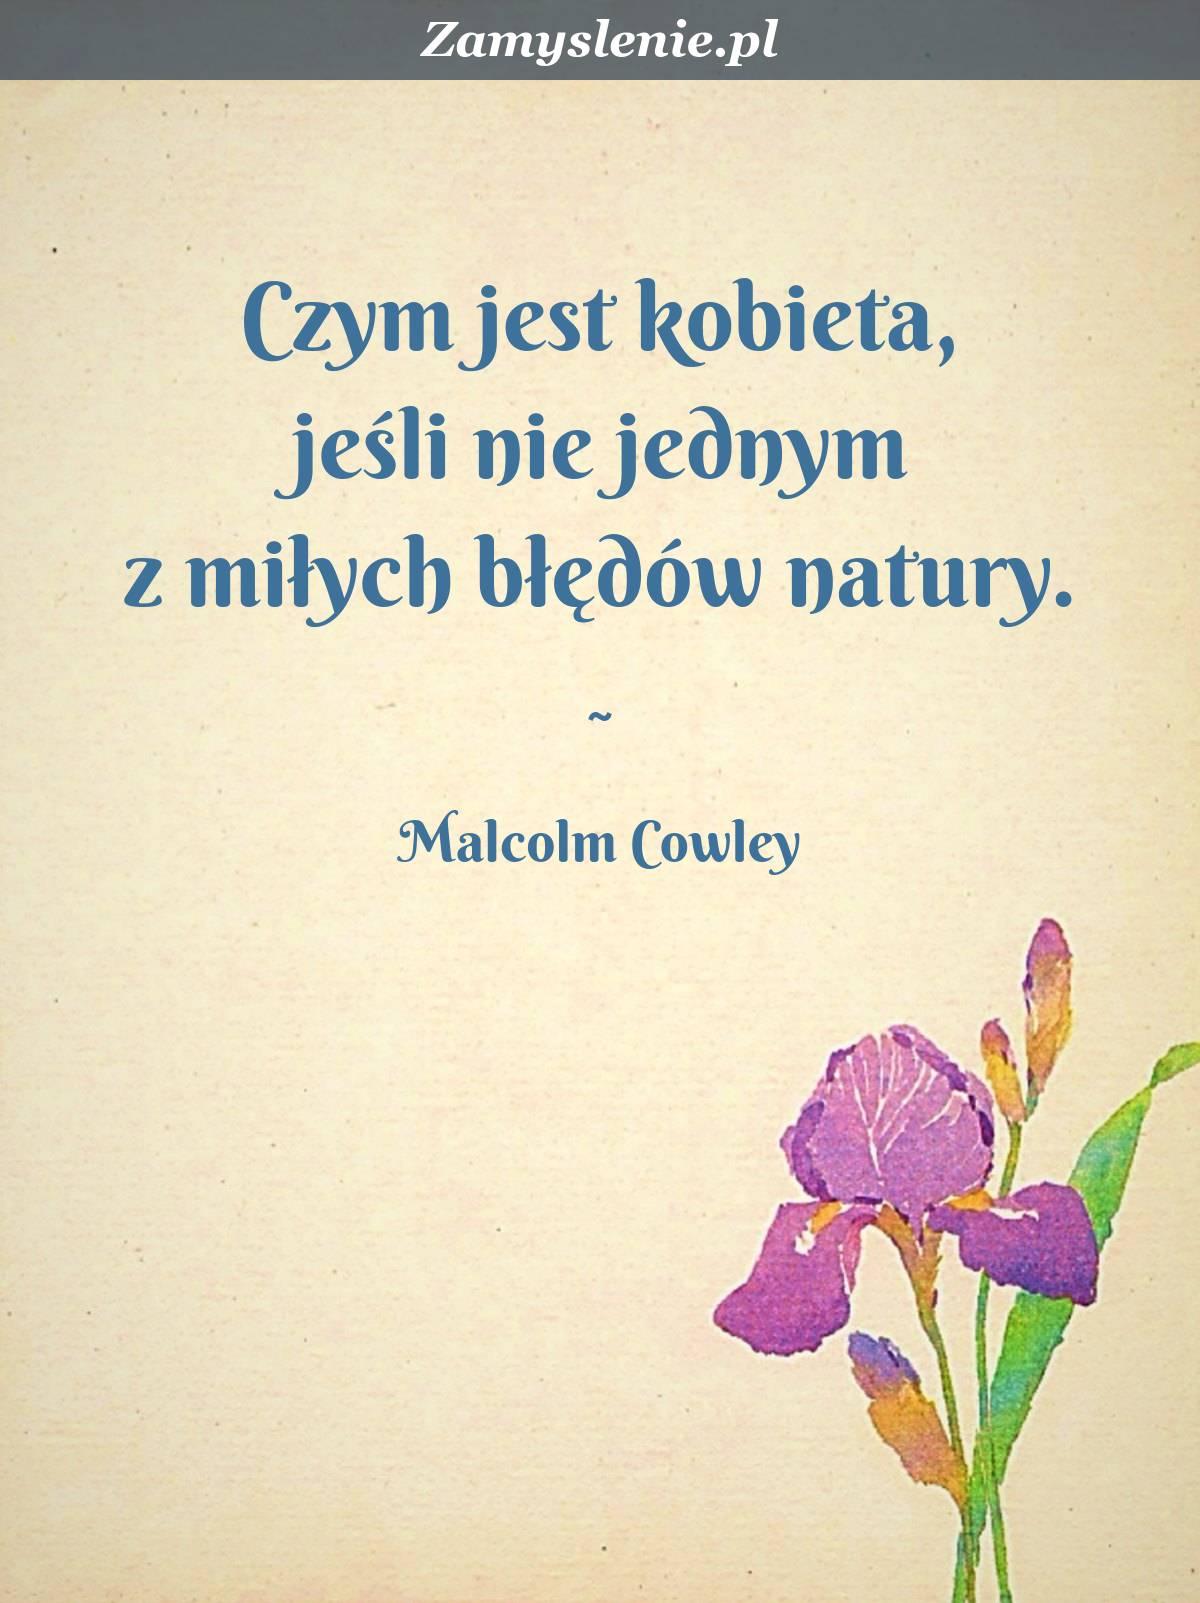 Obraz / mem do cytatu: Czym jest kobieta, jeśli nie jednym z miłych błędów natury.